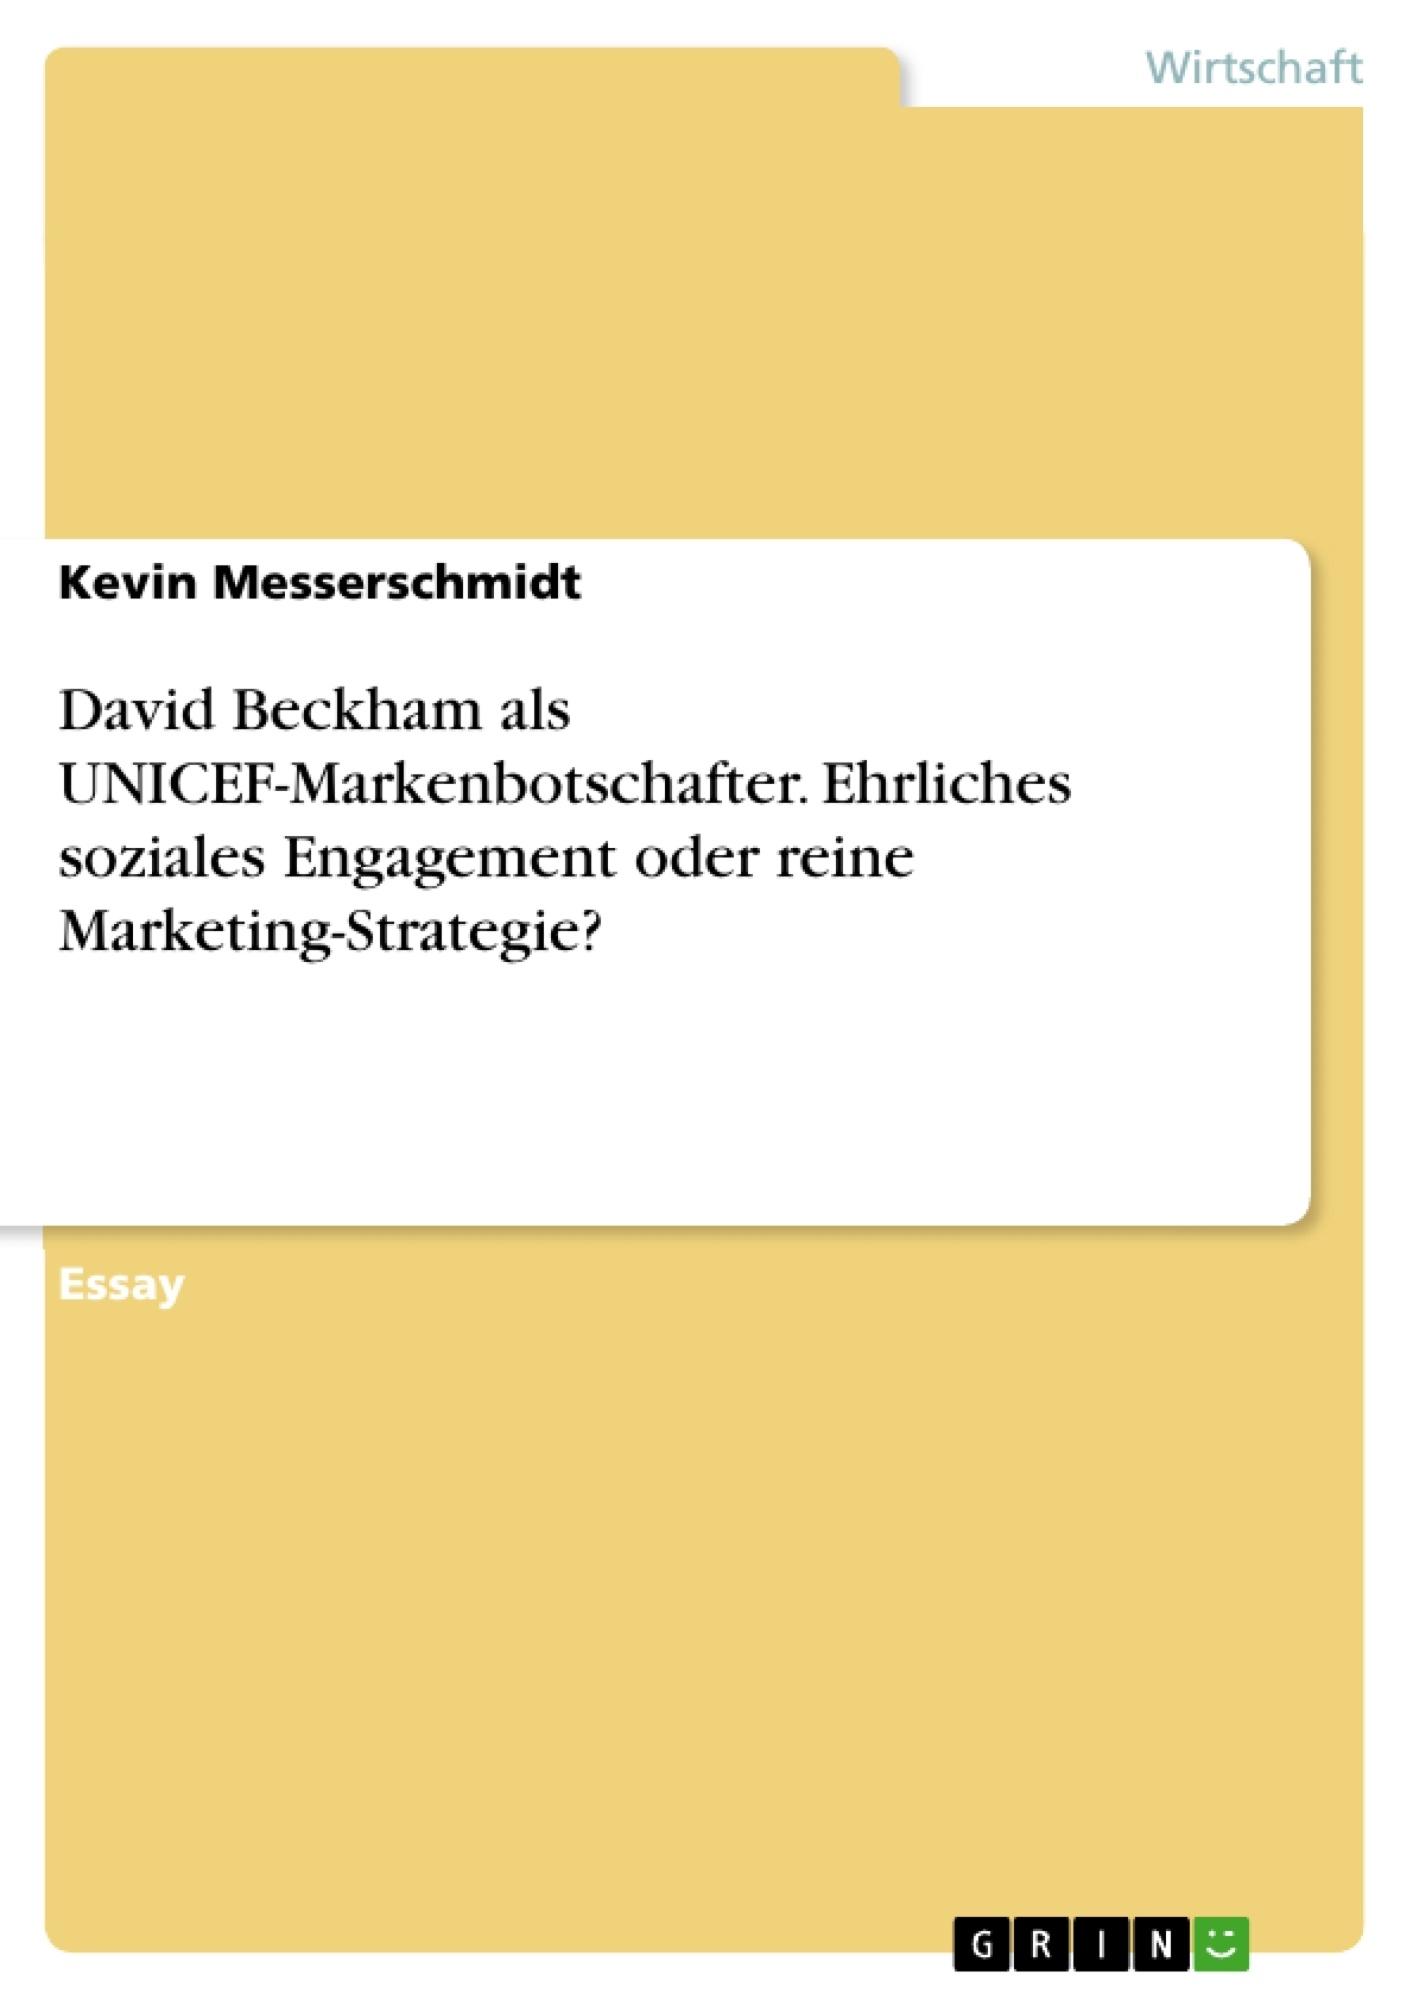 Titel: David Beckham als UNICEF-Markenbotschafter. Ehrliches soziales Engagement oder reine Marketing-Strategie?